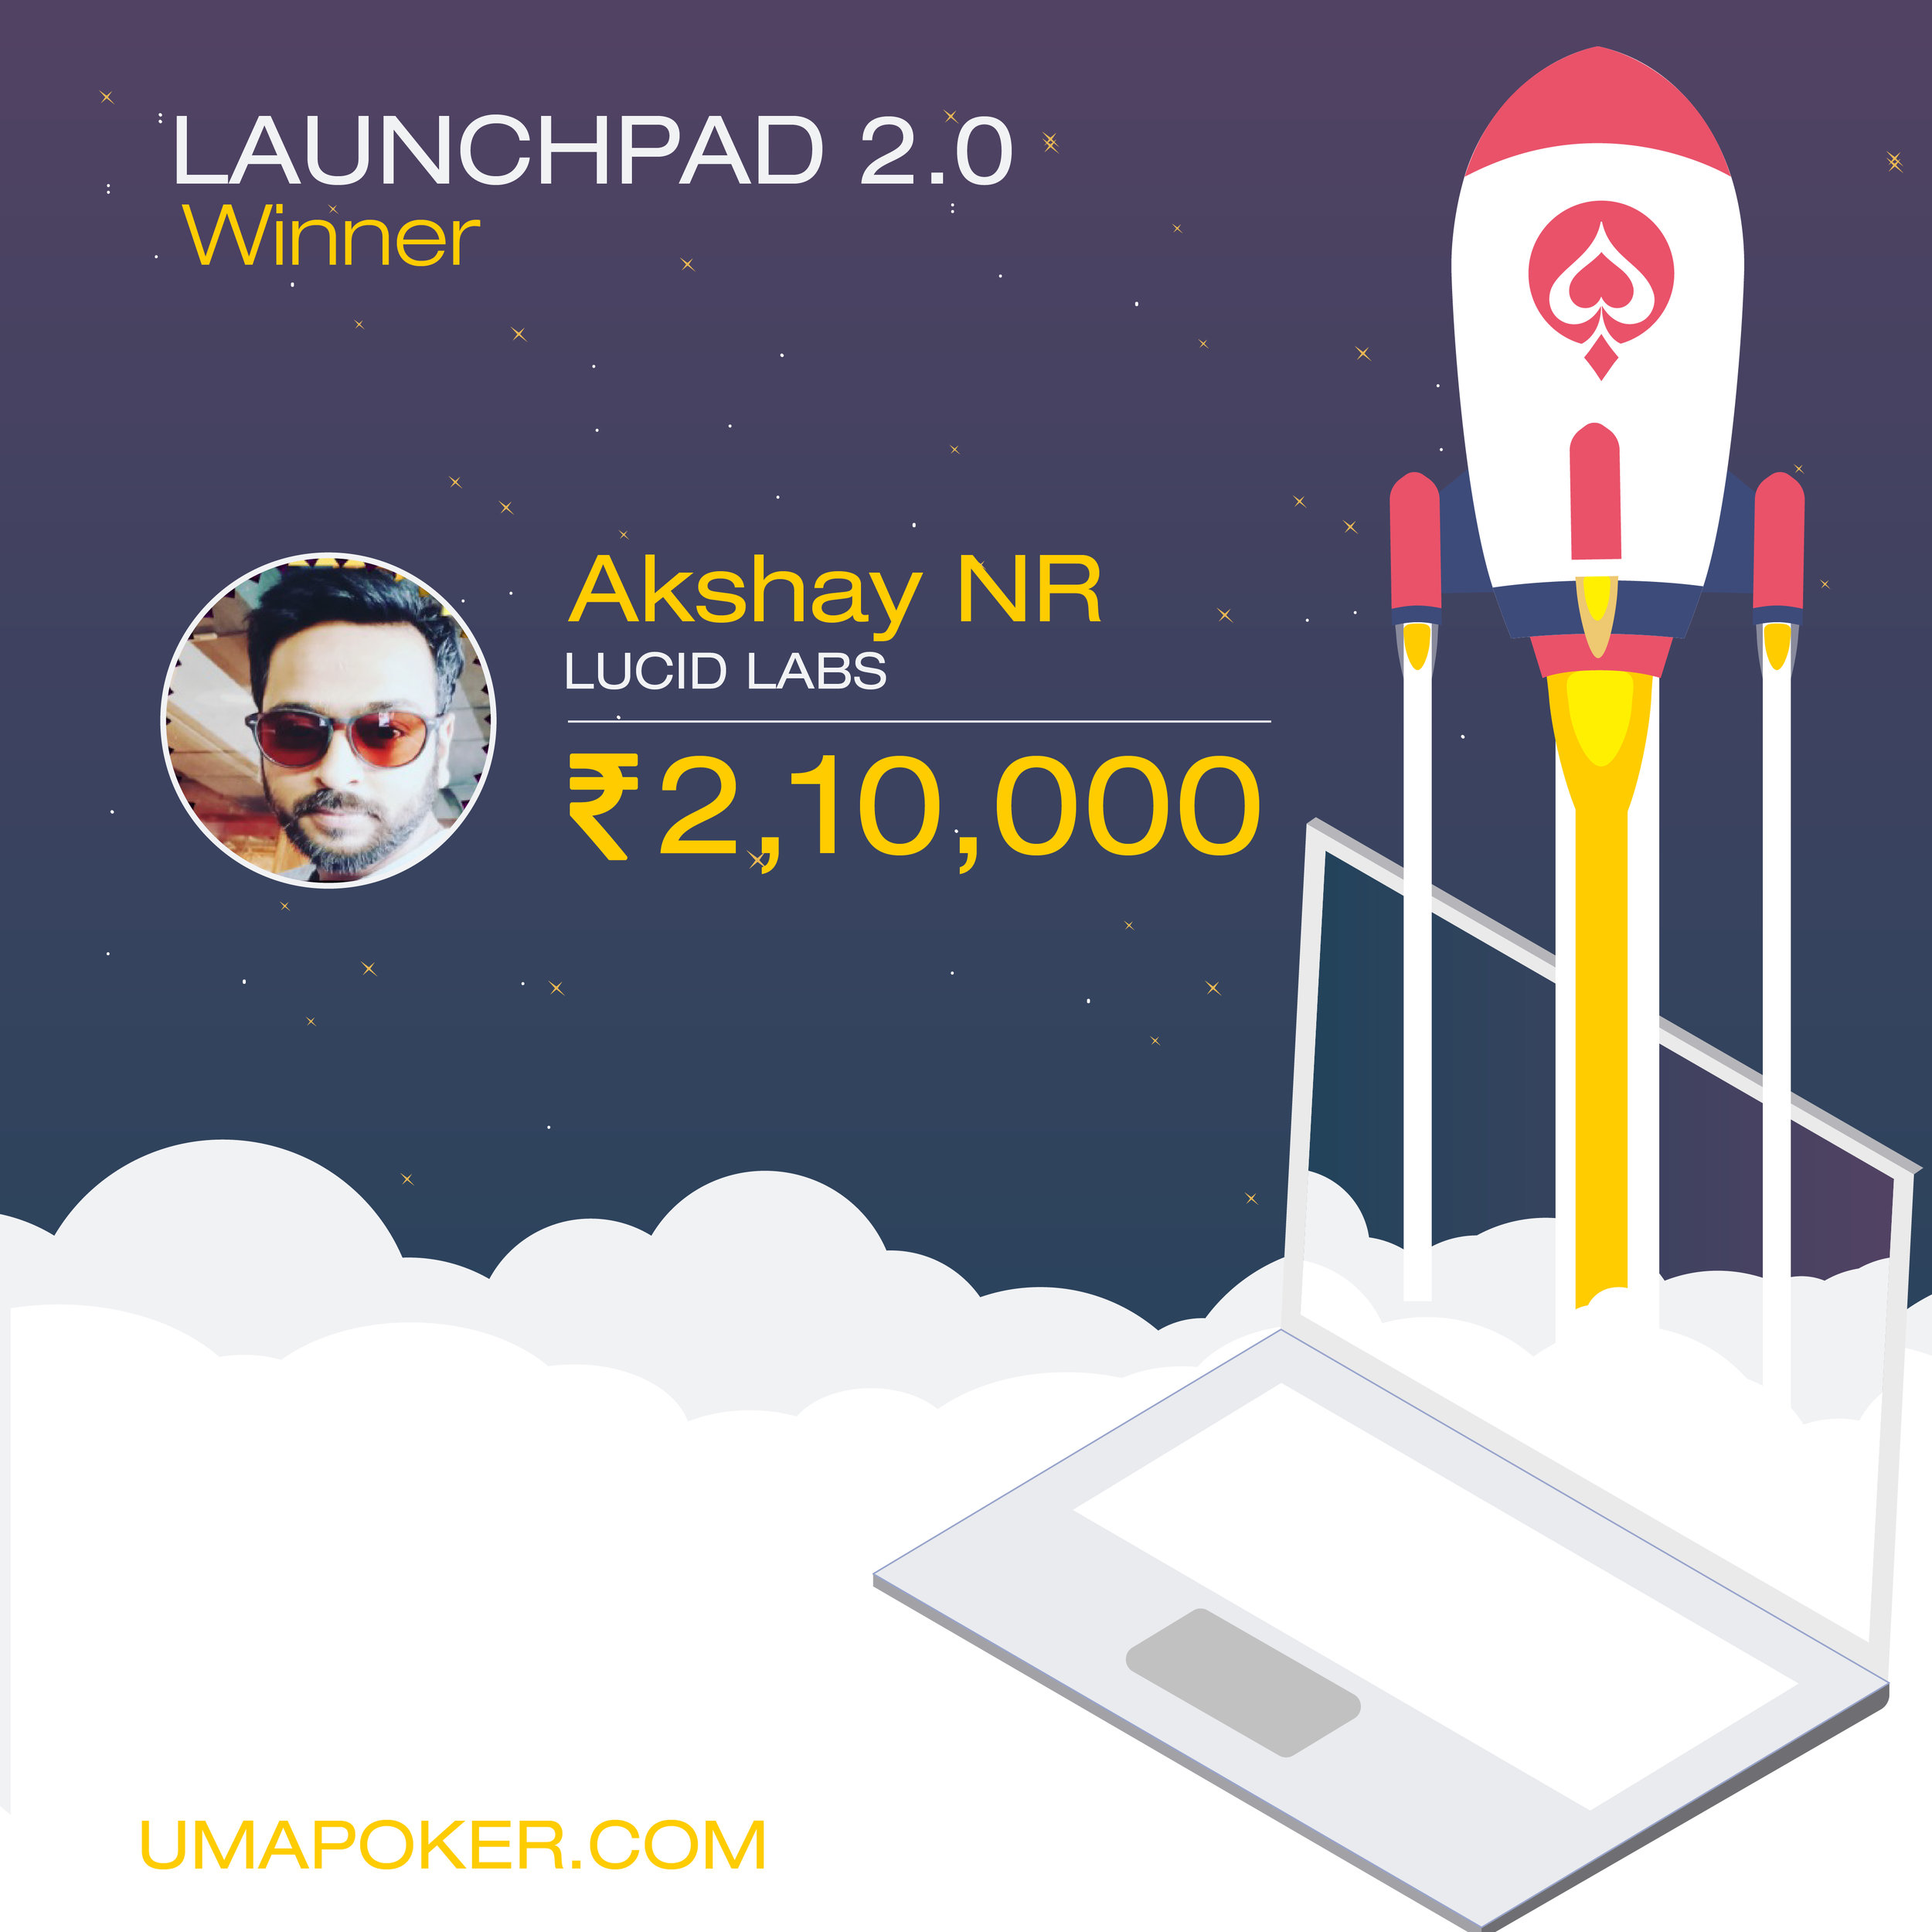 launchpad winner 1000 by 1000 option 3.jpg